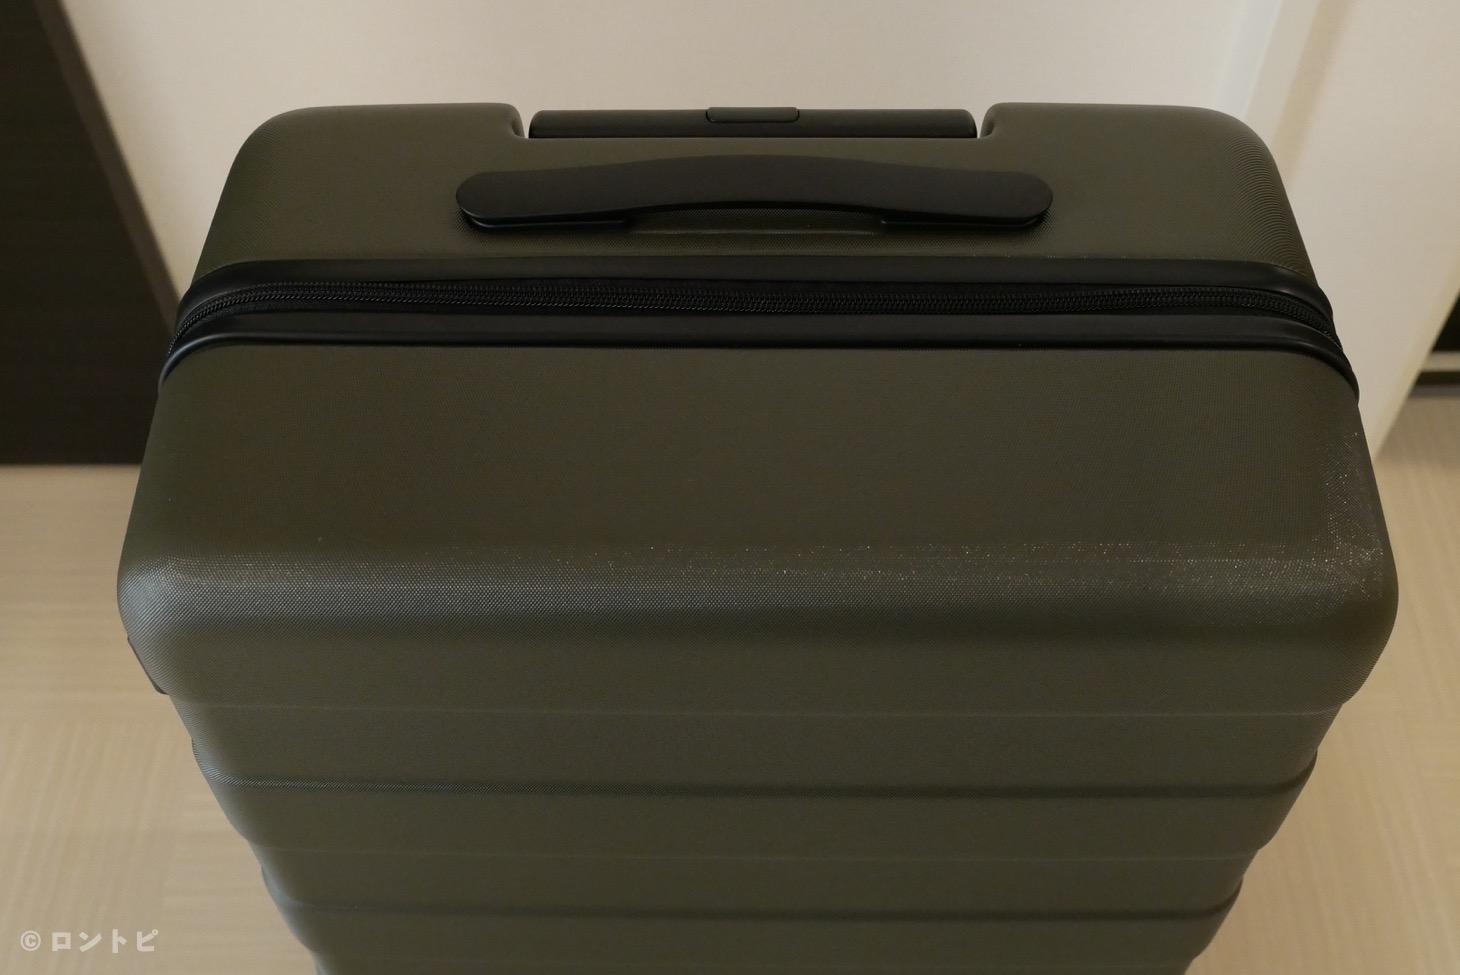 無印 スーツケース グリーン